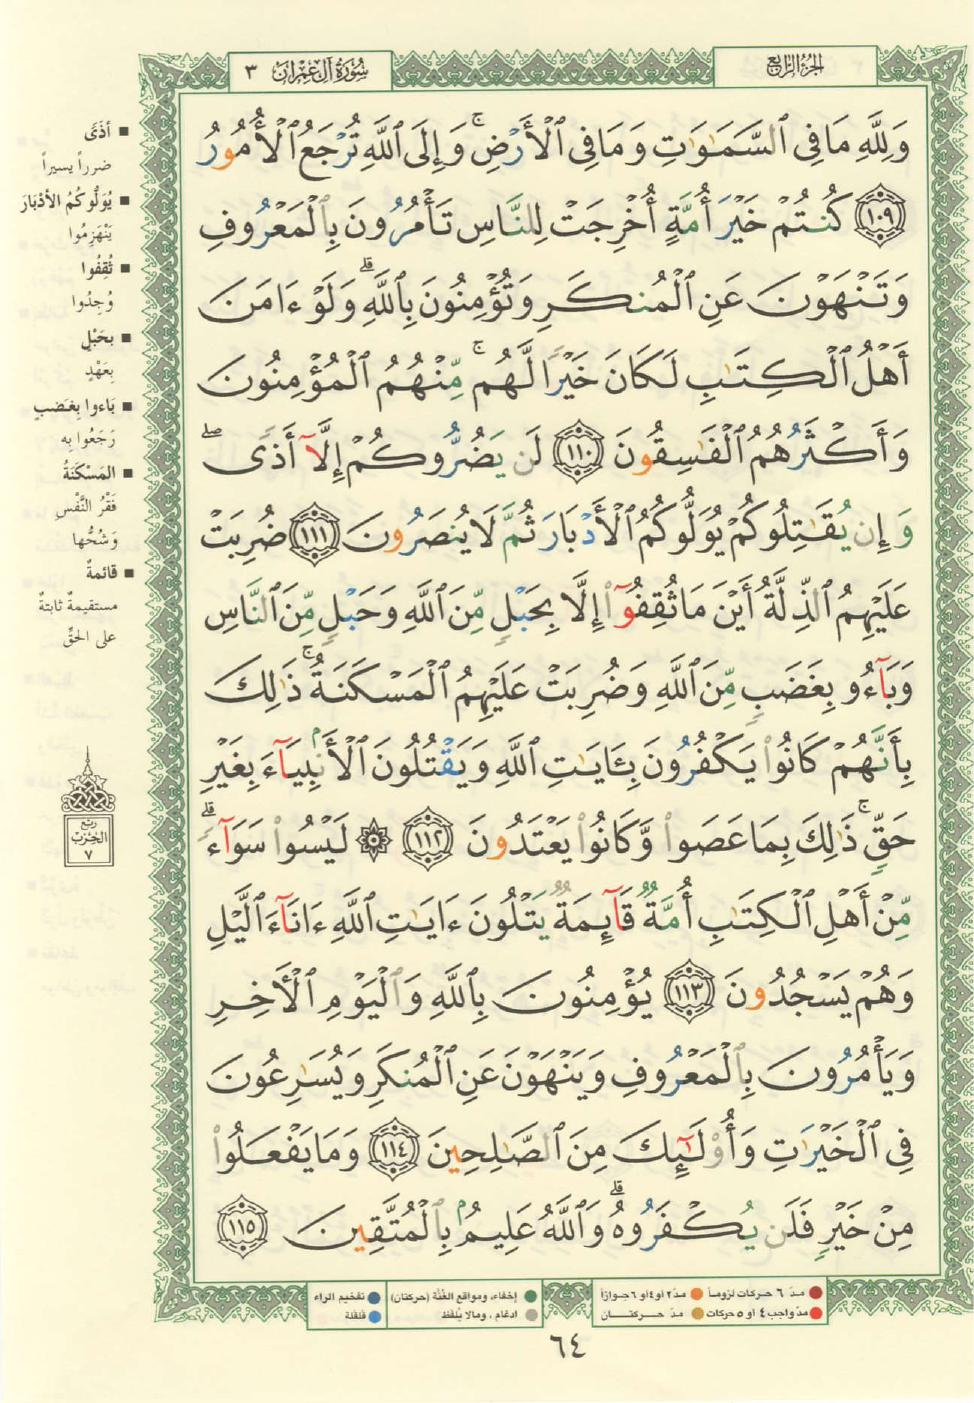 3. سورة آل عمران - Al-Imran مصورة من المصحف الشريف Quran_tajwid_000073